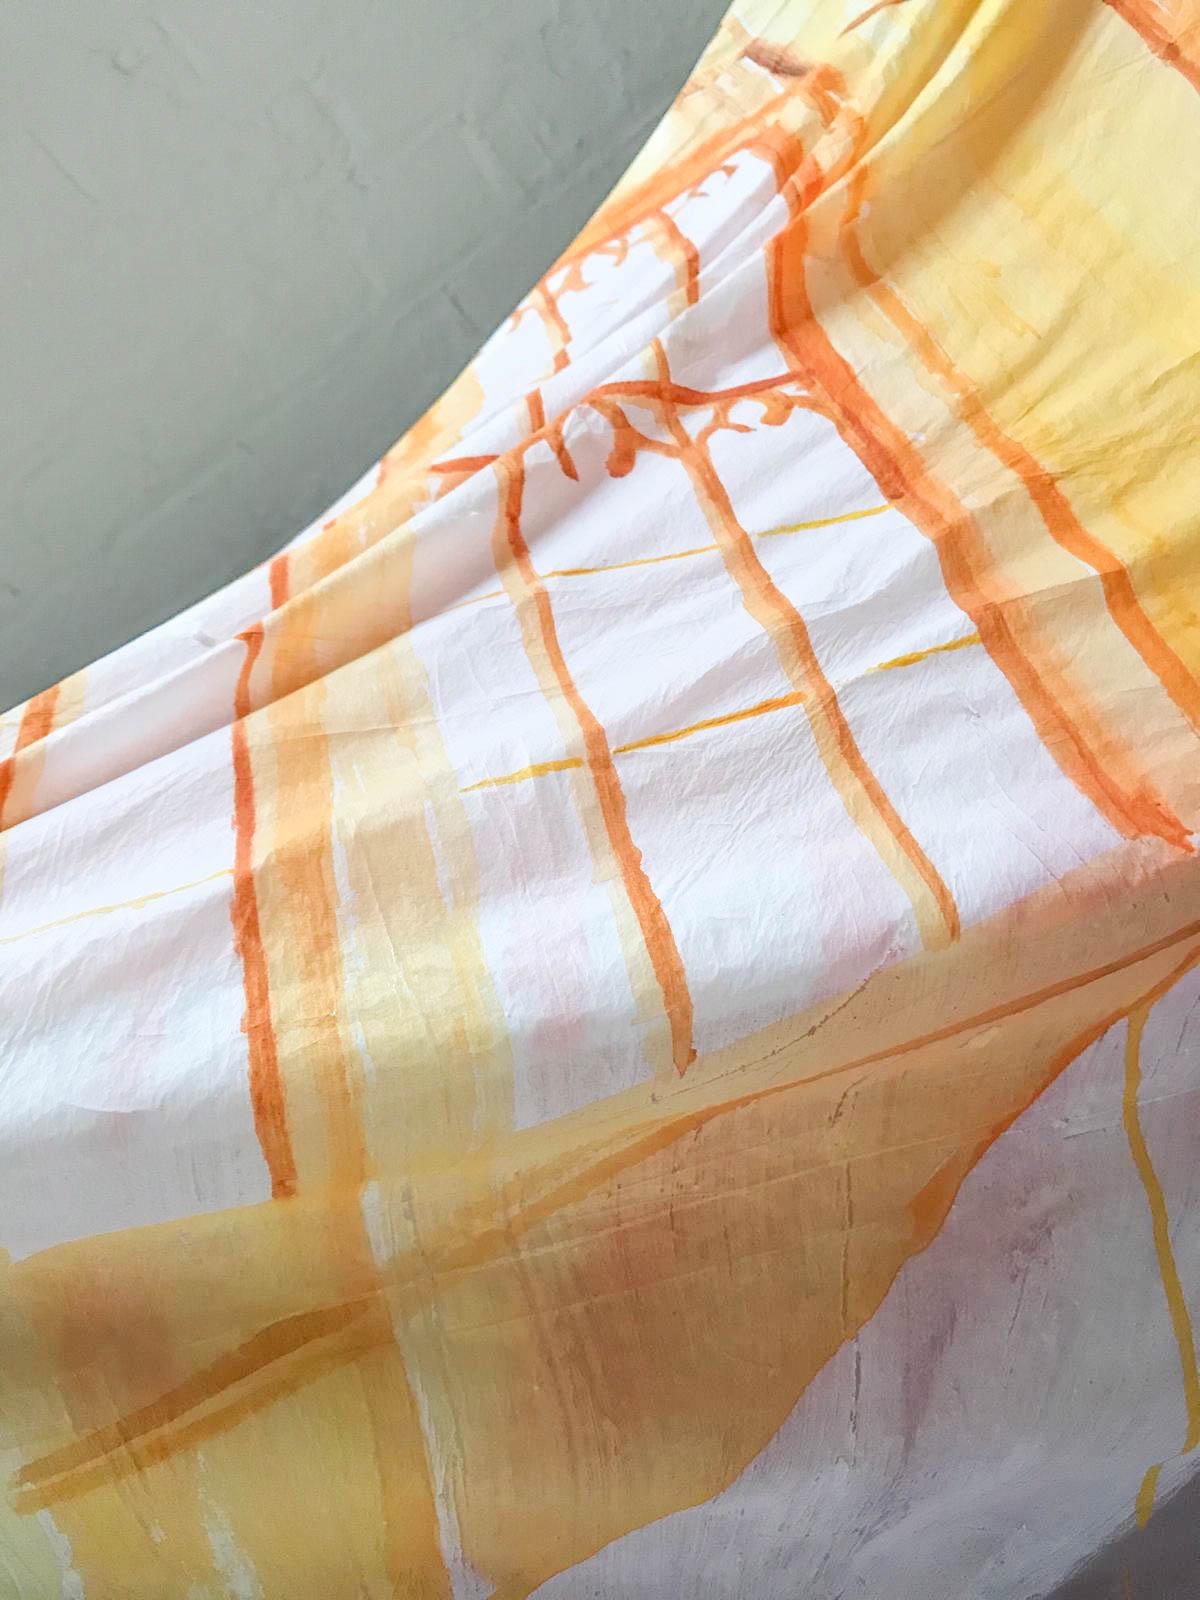 Chiao-Yen Hsu,  Scene 05  (detail), 2019, plastic drop sheets, acrylic, filler, 175 x 375 cm.